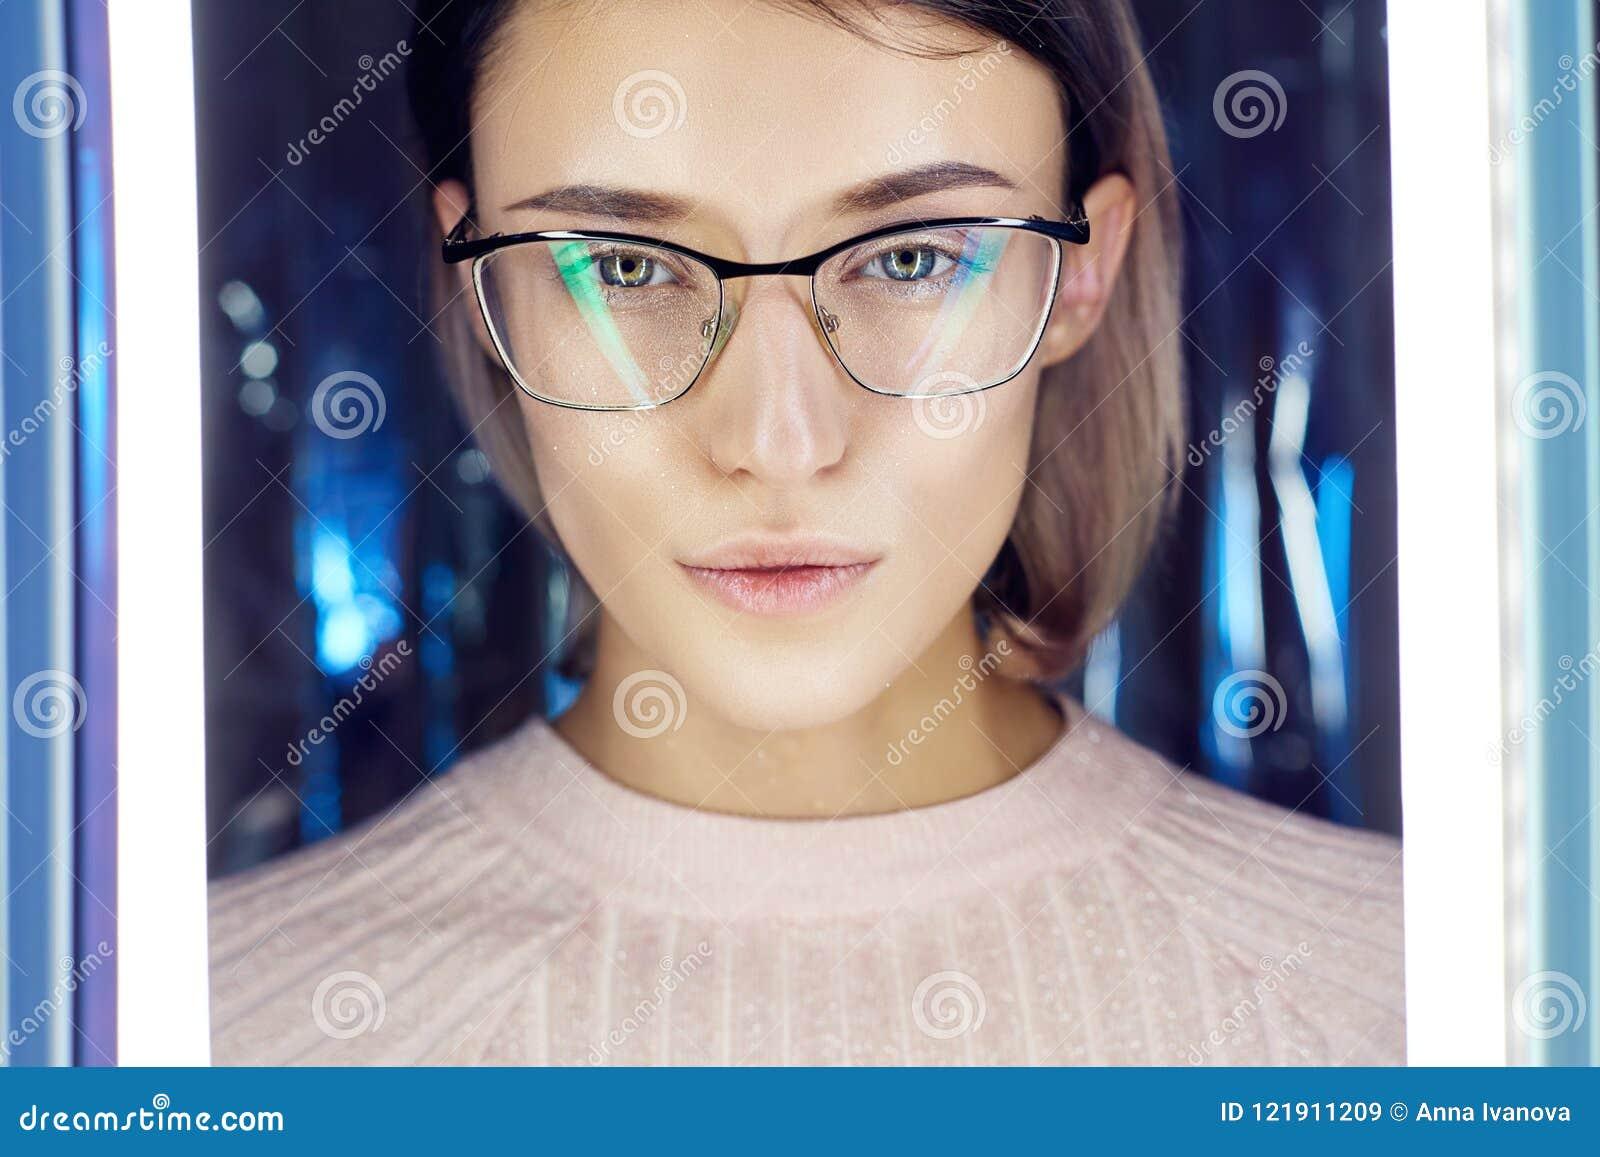 Portret kobieta w neonowych barwionych odbić szkłach w tle Dobry wzrok, perfect makeup na dziewczyny twarzy Sztuka Portret